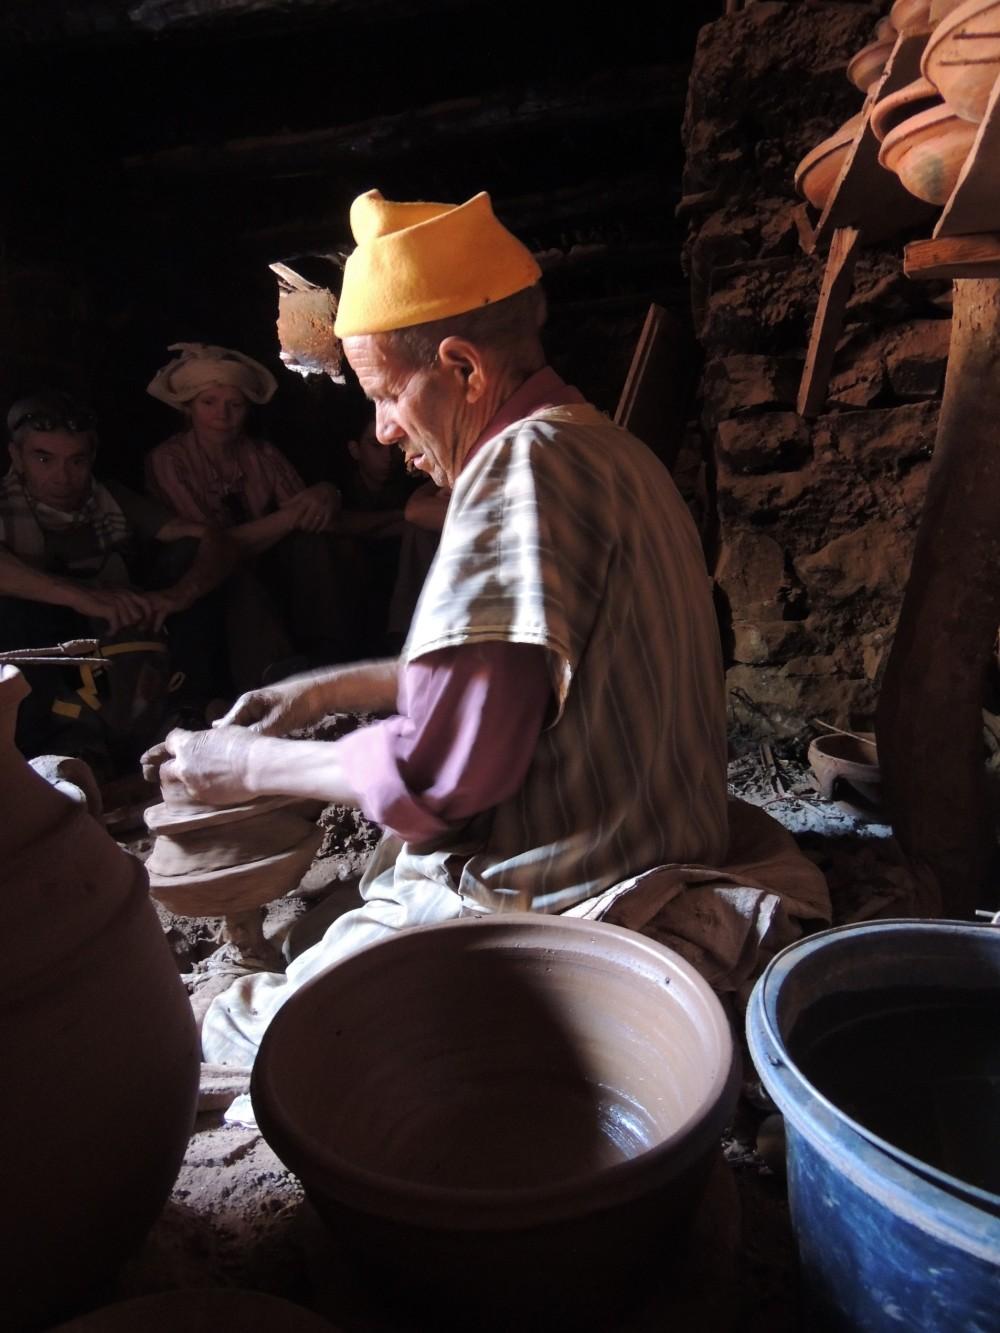 Le potier / the potter